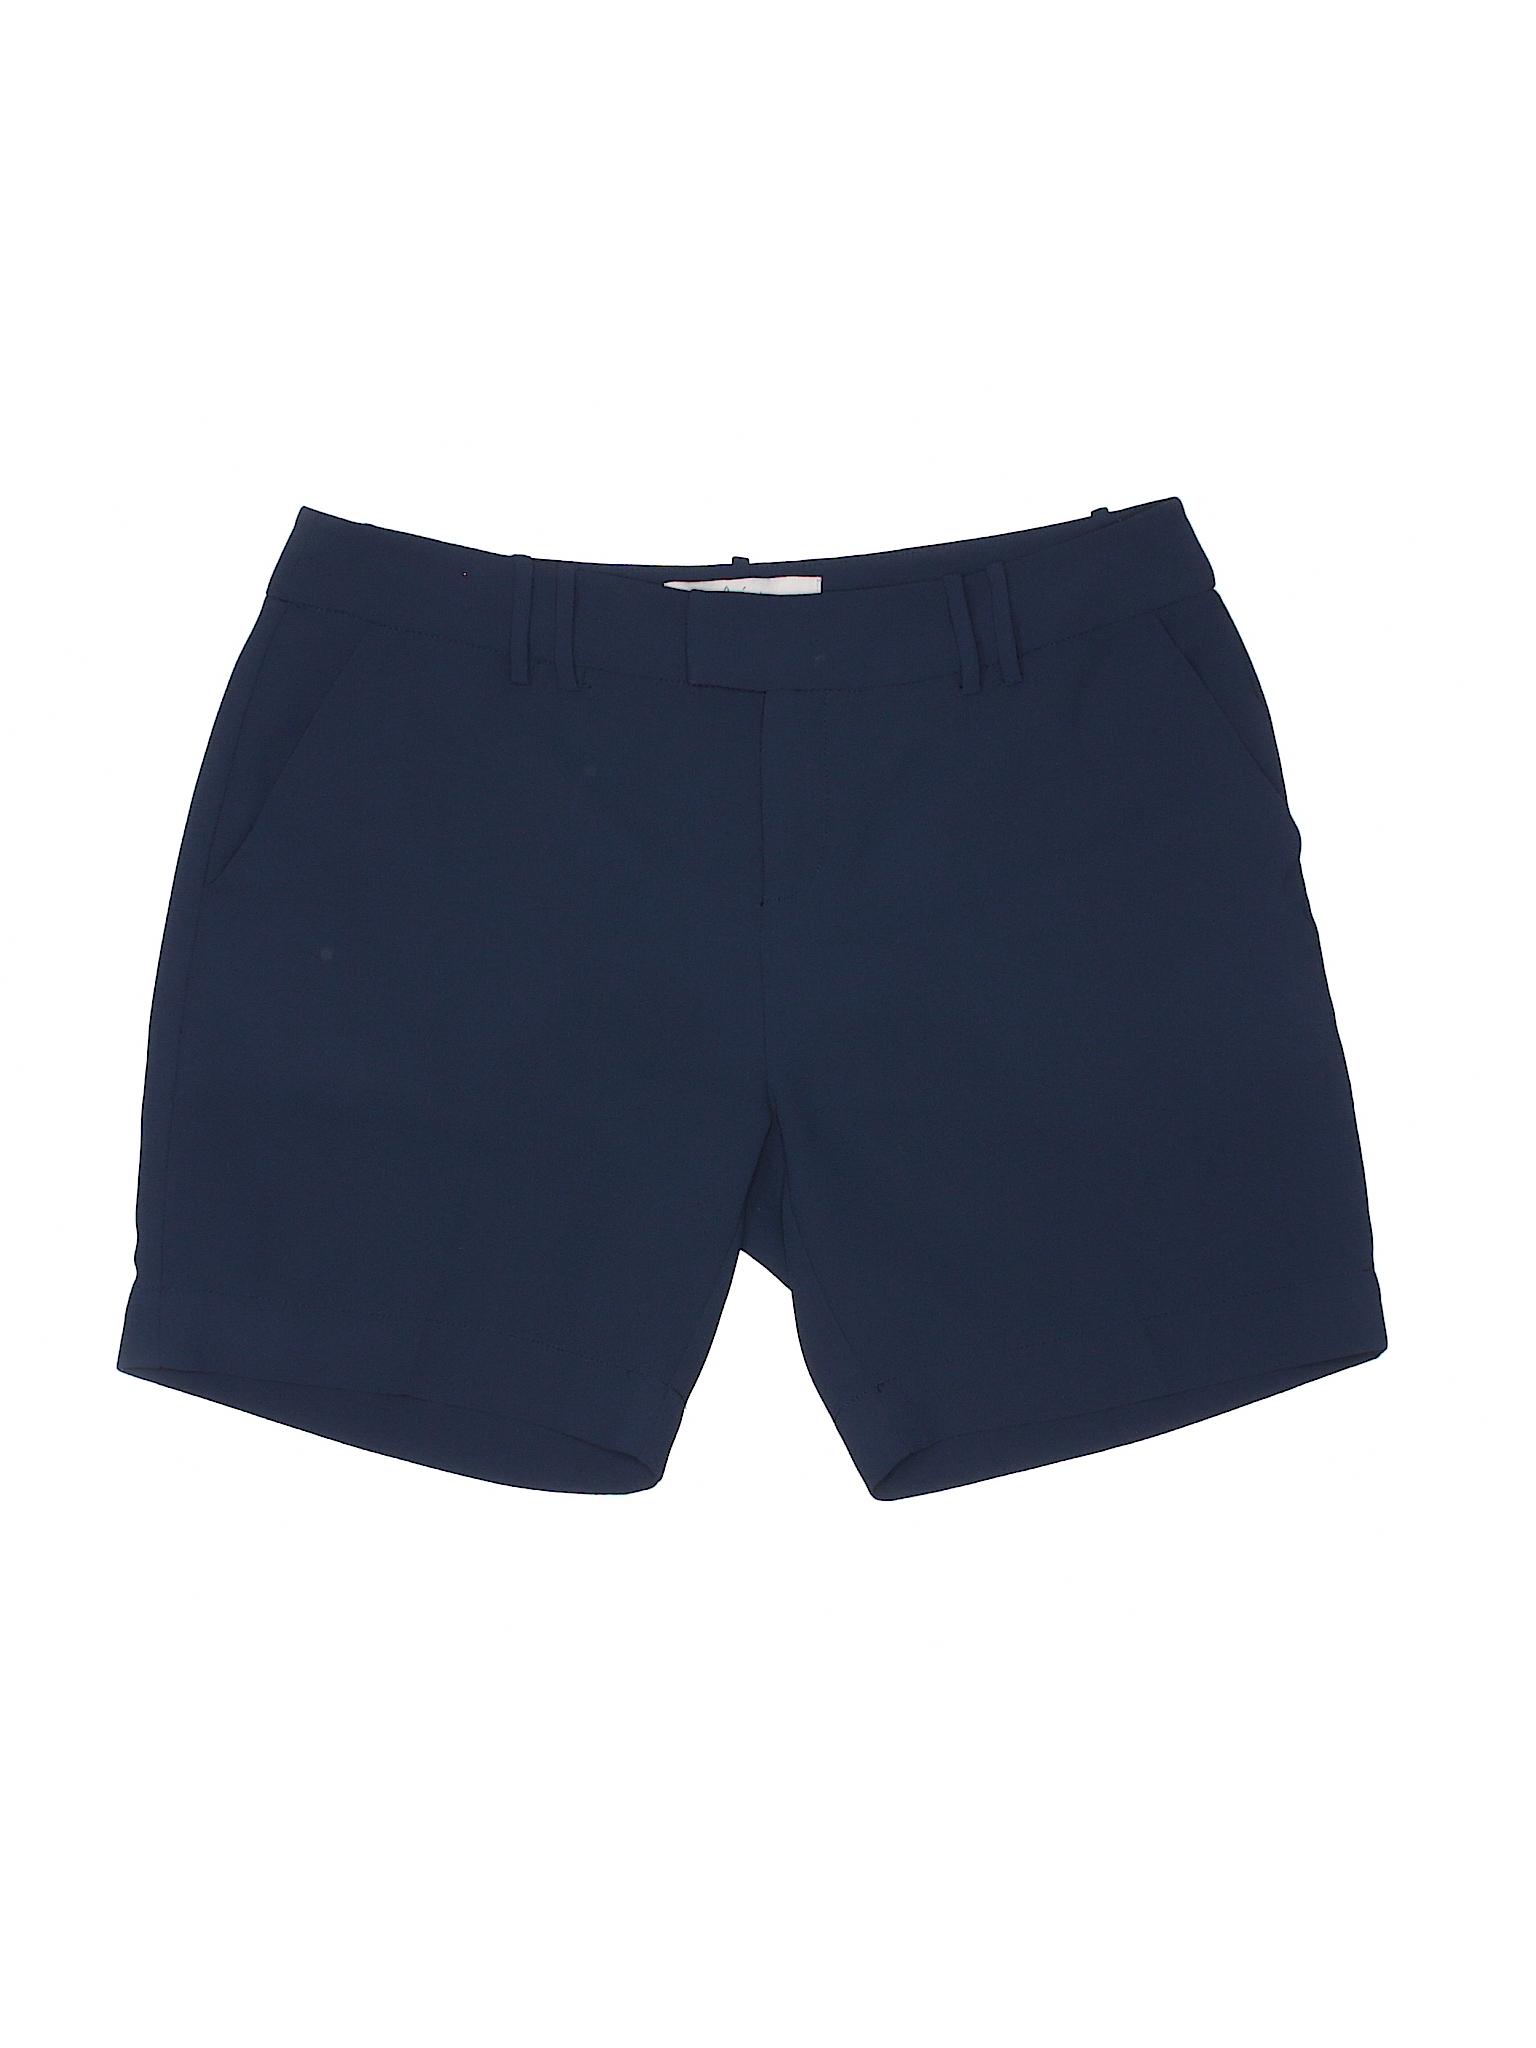 Boutique Shorts Boutique leisure Joie Boutique Shorts Joie leisure leisure pqanwpXrt